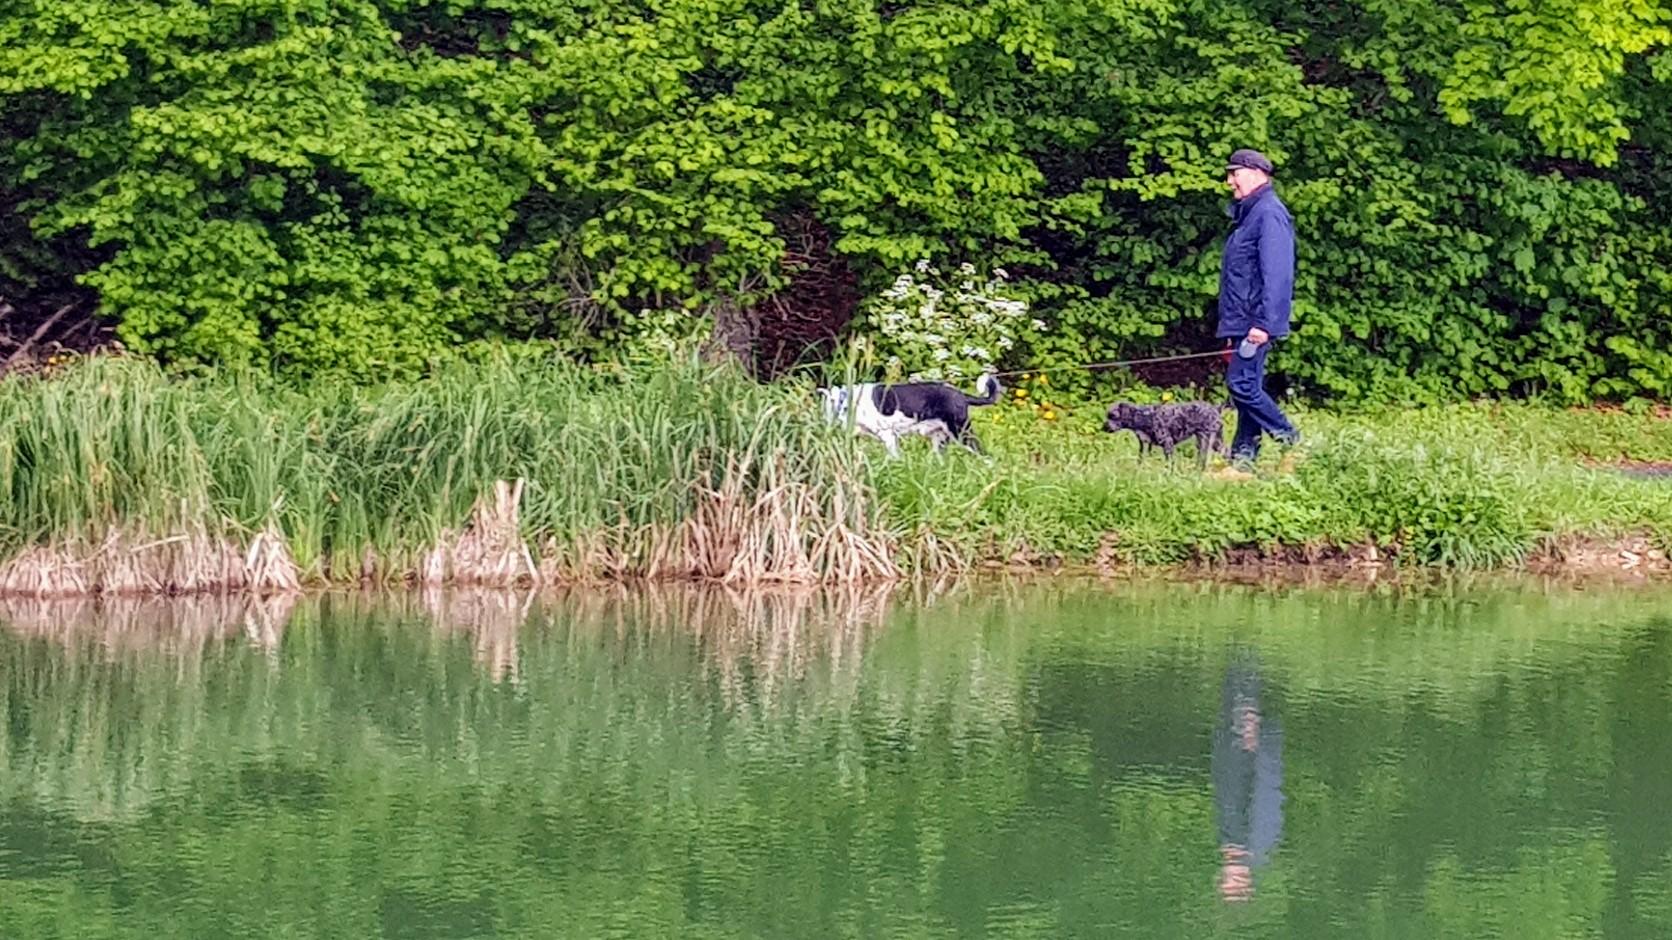 Meine drei Lieben am Hundespaziergang am Waldrand gegenüber dem Hafen. In 5 Minuten wird es nur so herunter prasseln!